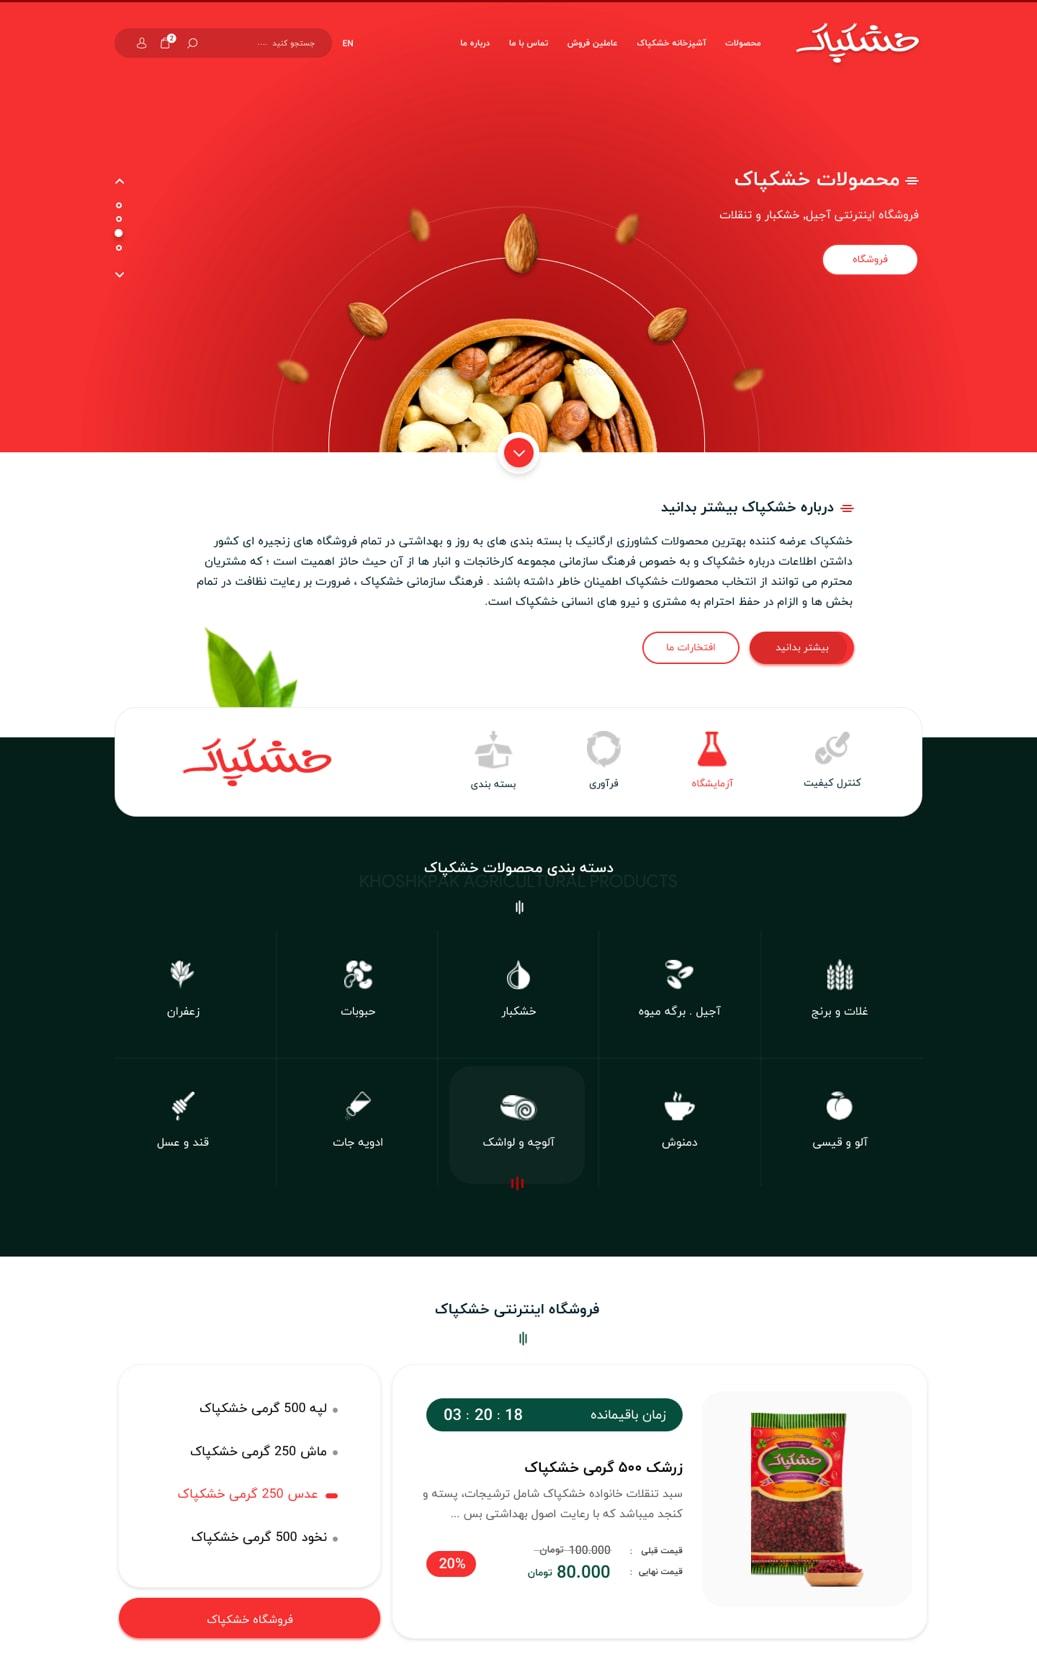 سایت خشکپاک - طراحی شده توسط آژانس خلاقیت وبسیما